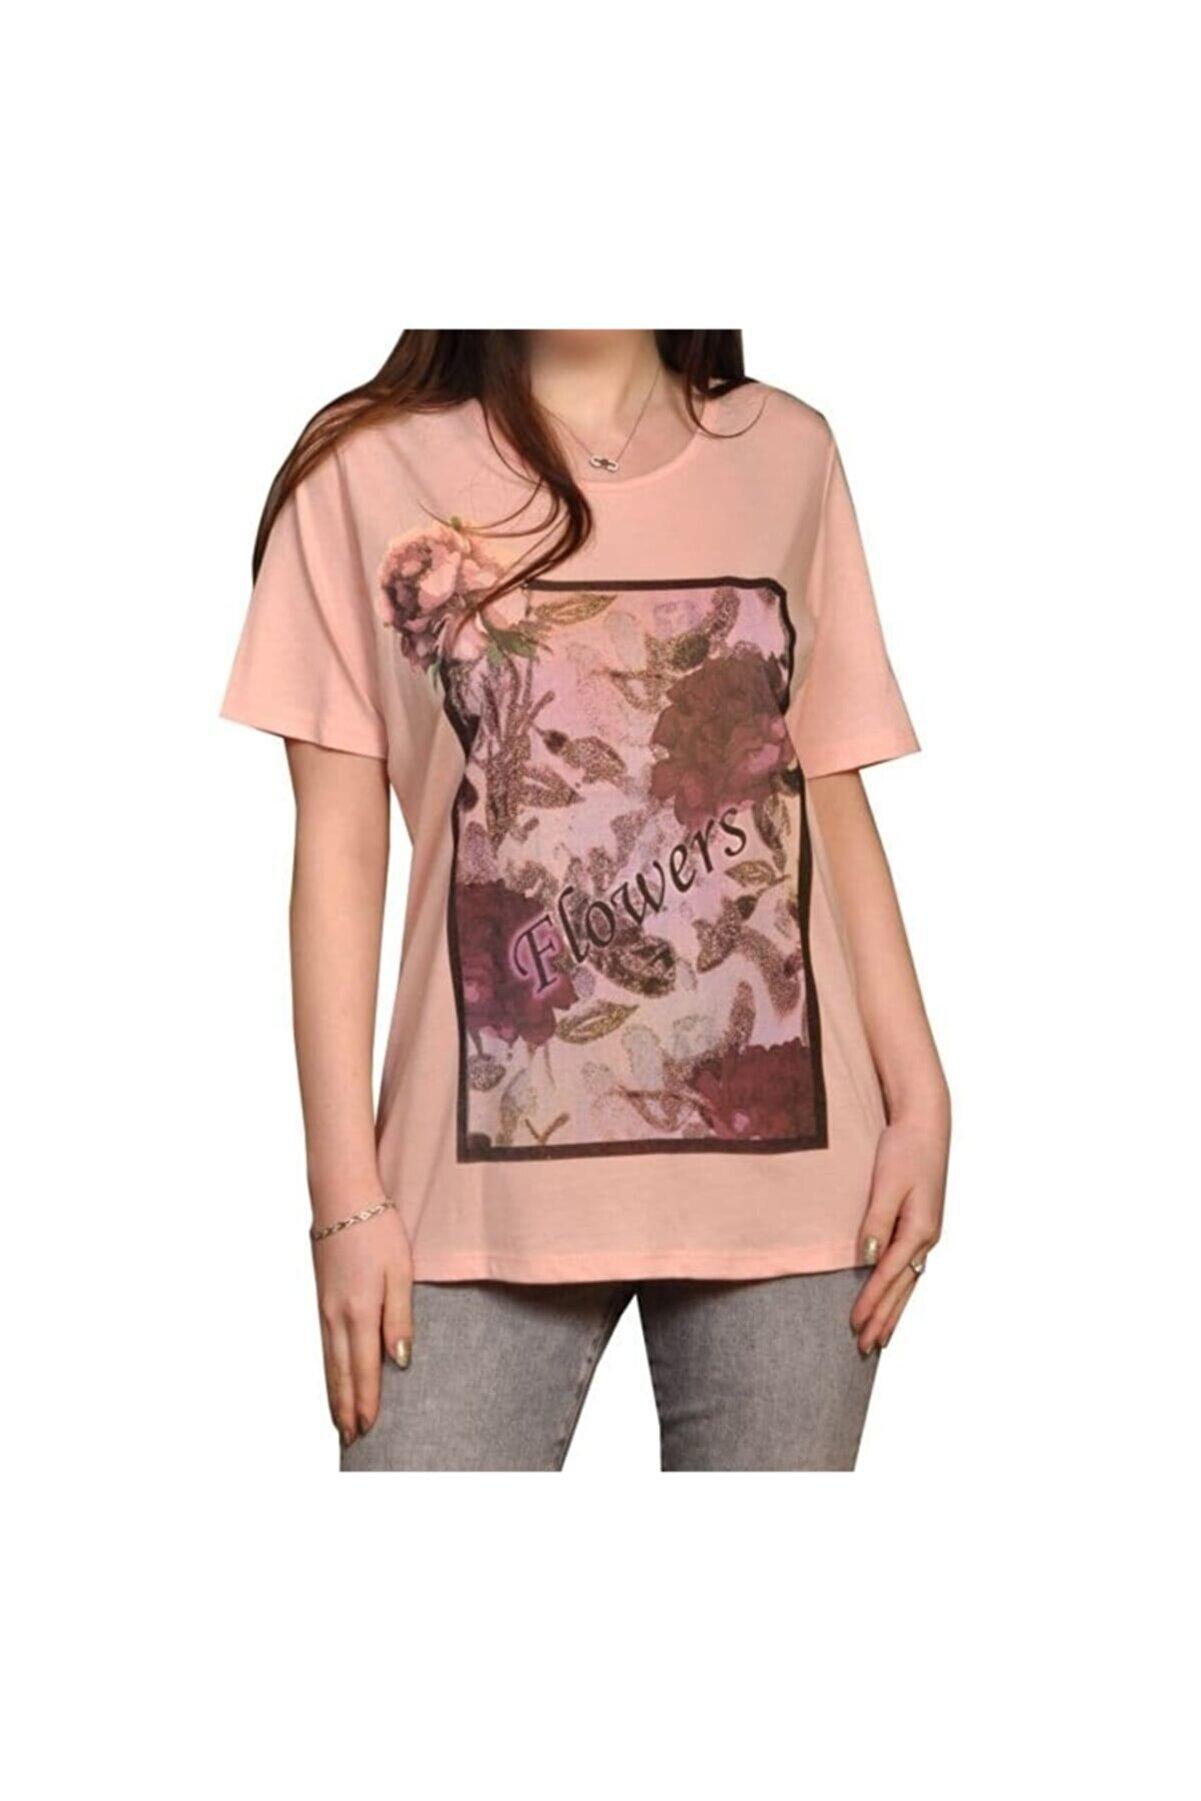 İsmet Tekstil Kadın Çiçek Baskılı Tshirt